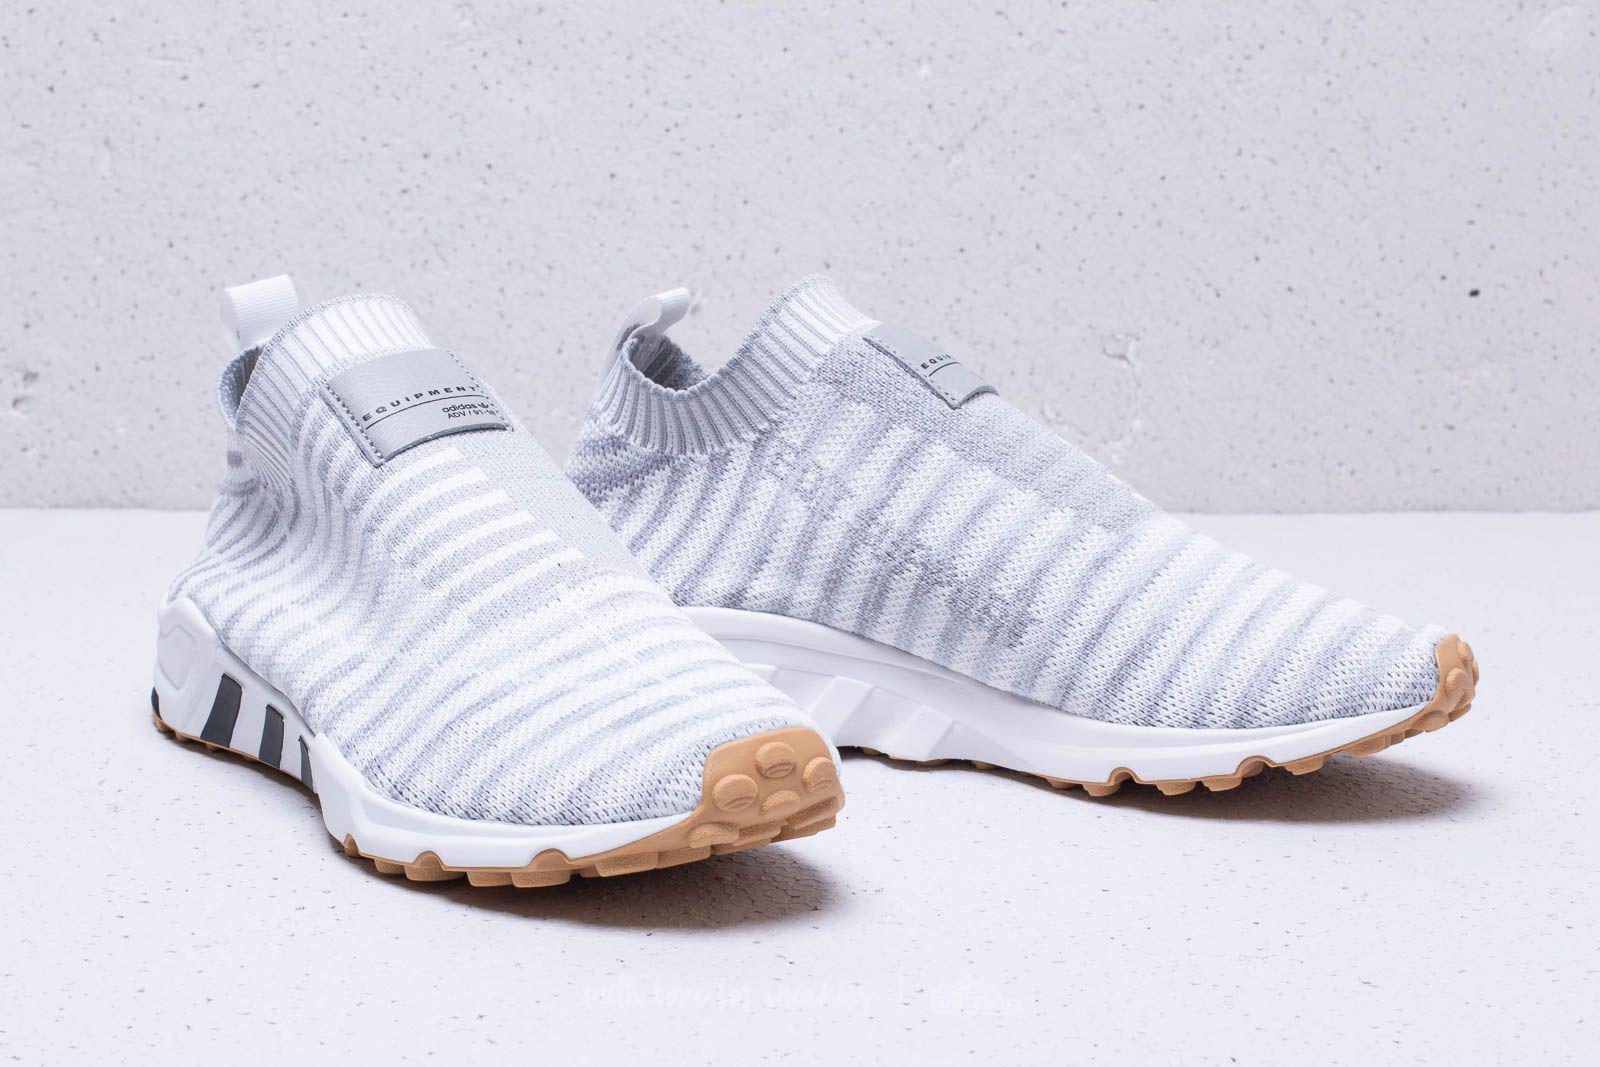 e391de0d55 Lyst - adidas Originals Adidas Eqt Support Sk Primeknit W Ftw White ...